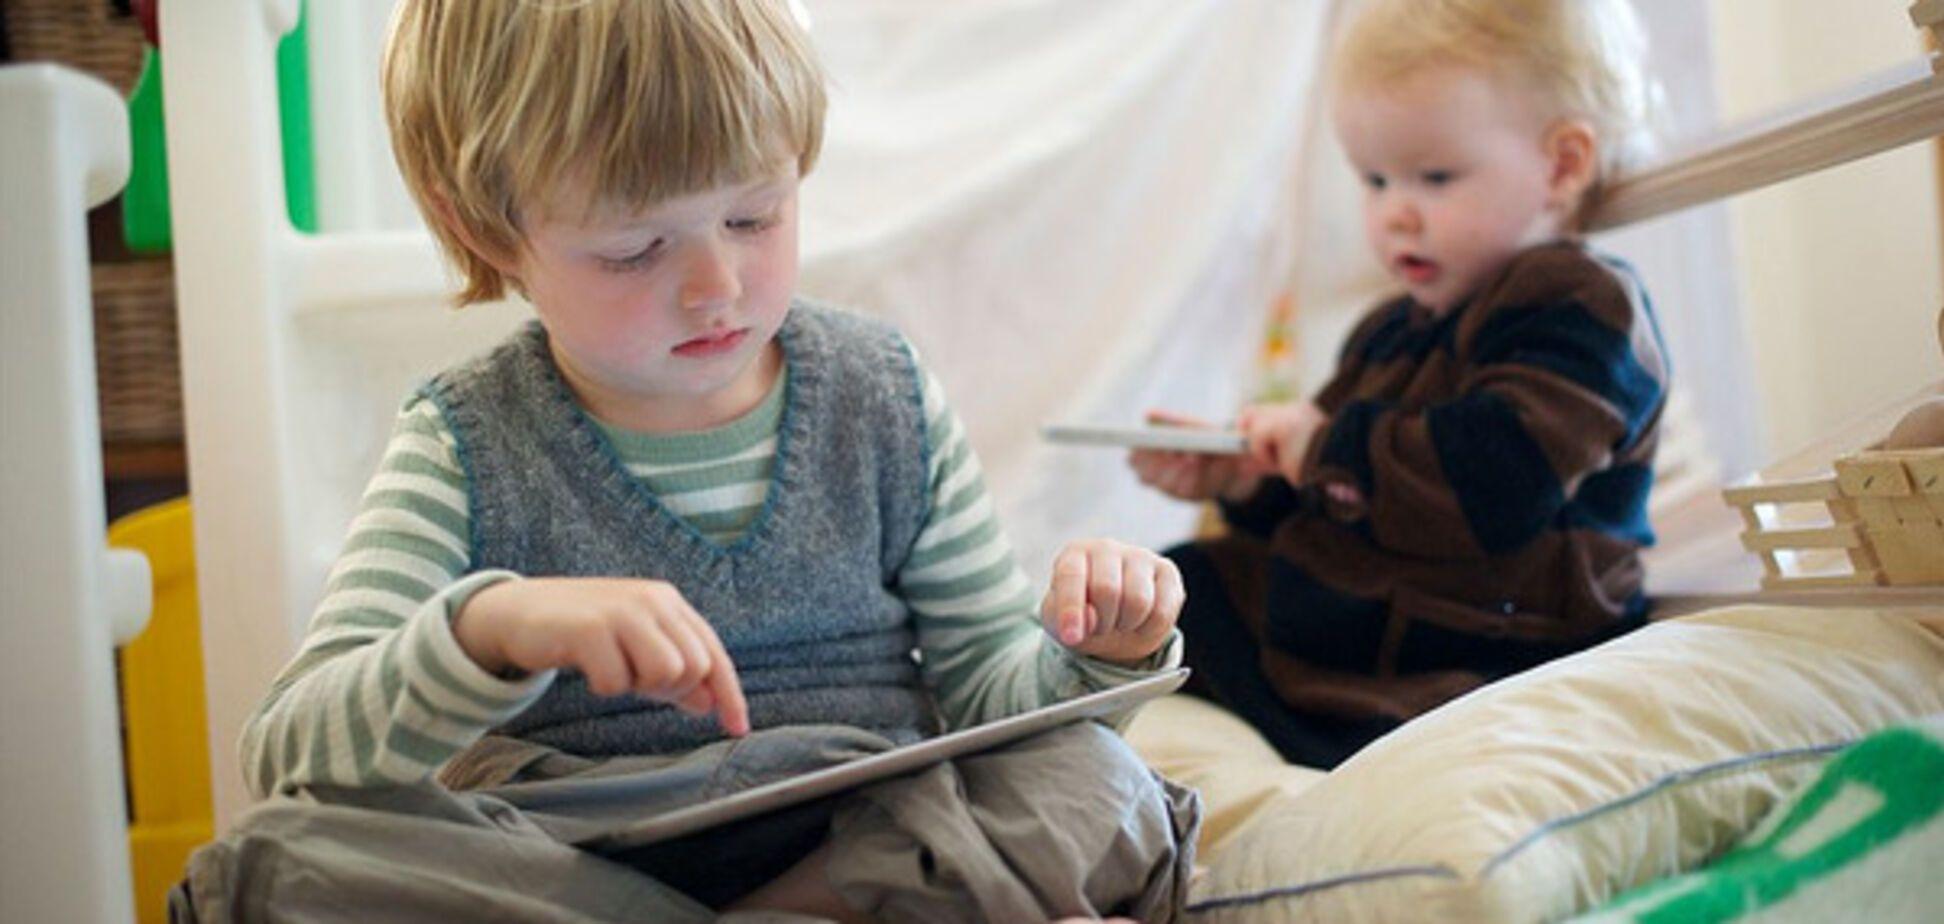 Вчені з'ясували, як планшет впливає на розвиток мовлення дитини